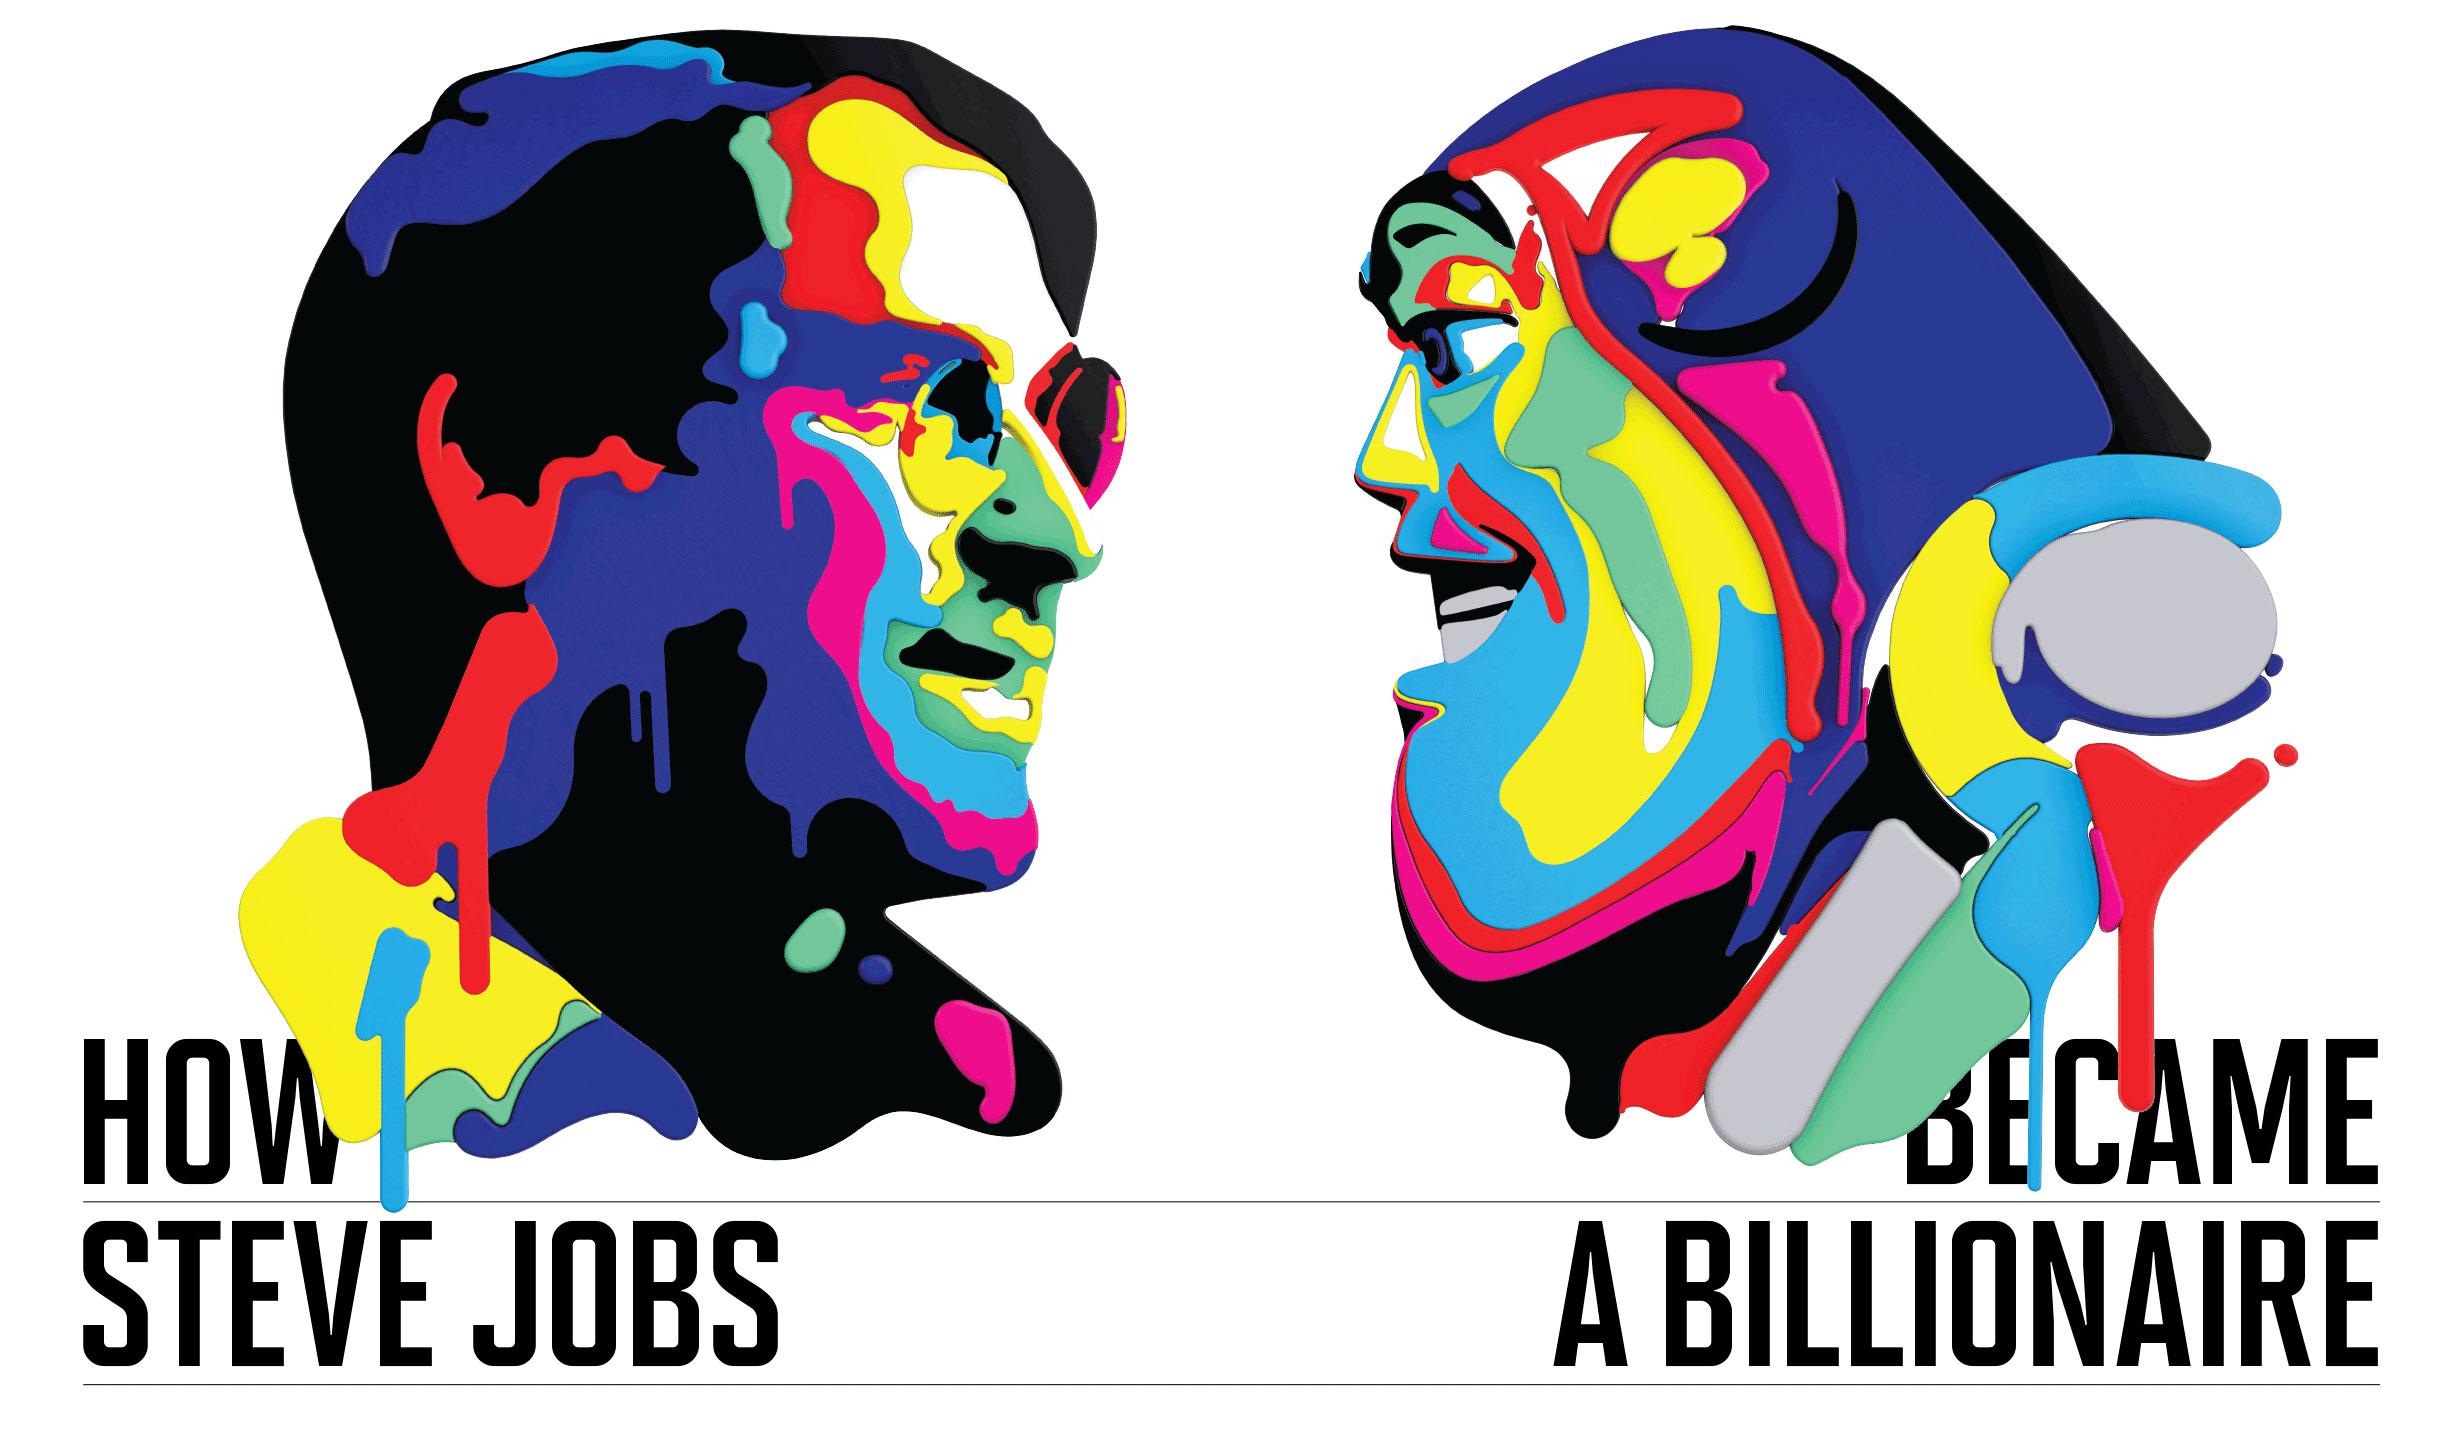 Banker clipart billionaire. How steve jobs became